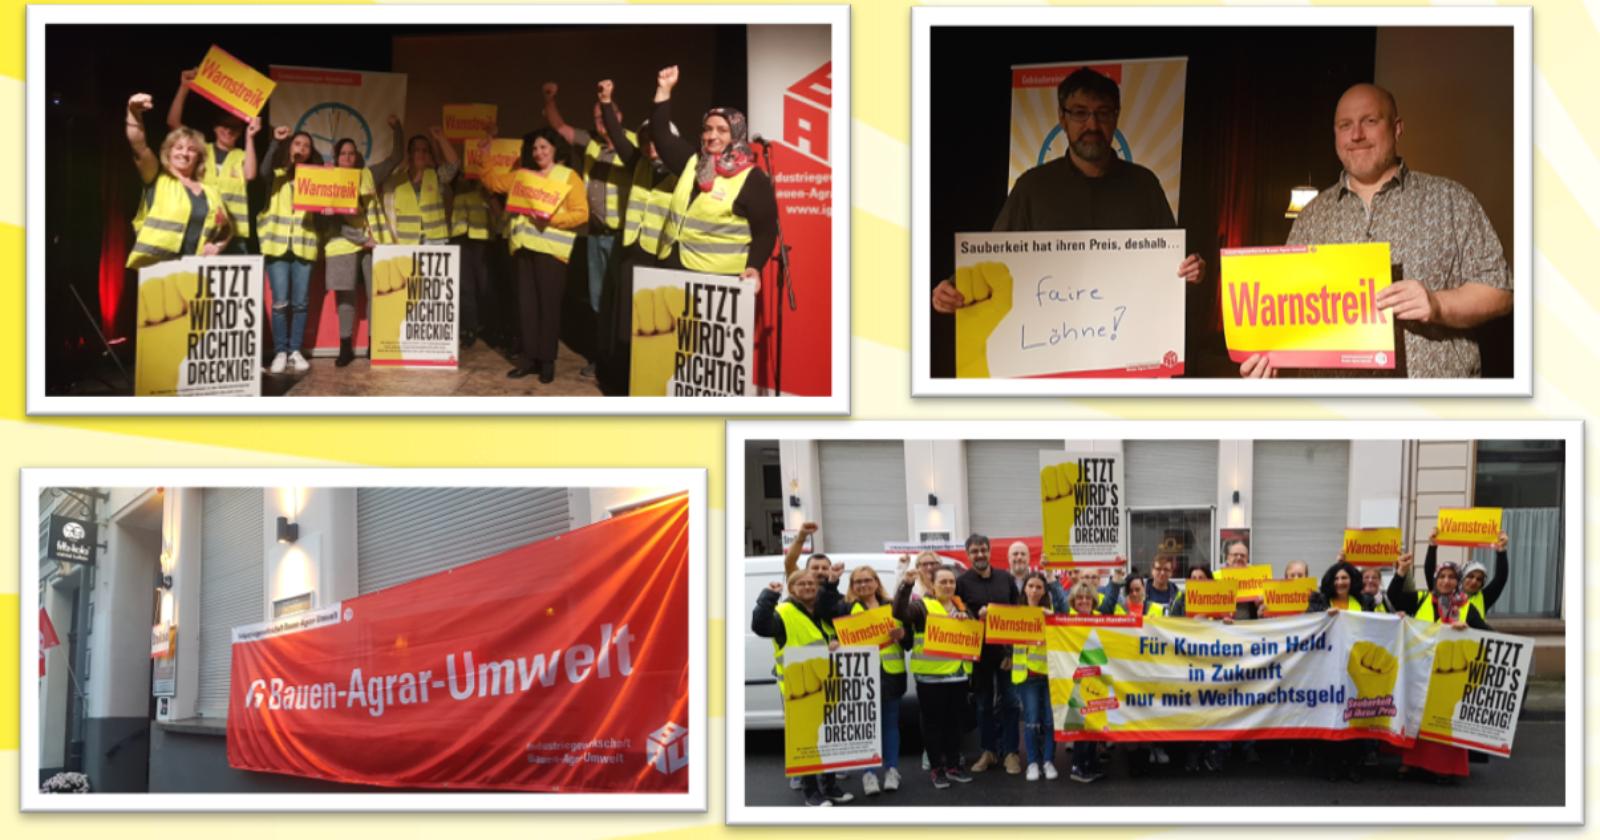 Reinigungskräfte von Geba in Viersen und Piepenbrock in Krefeld im Warnstreik mit Unterstützung der SPD